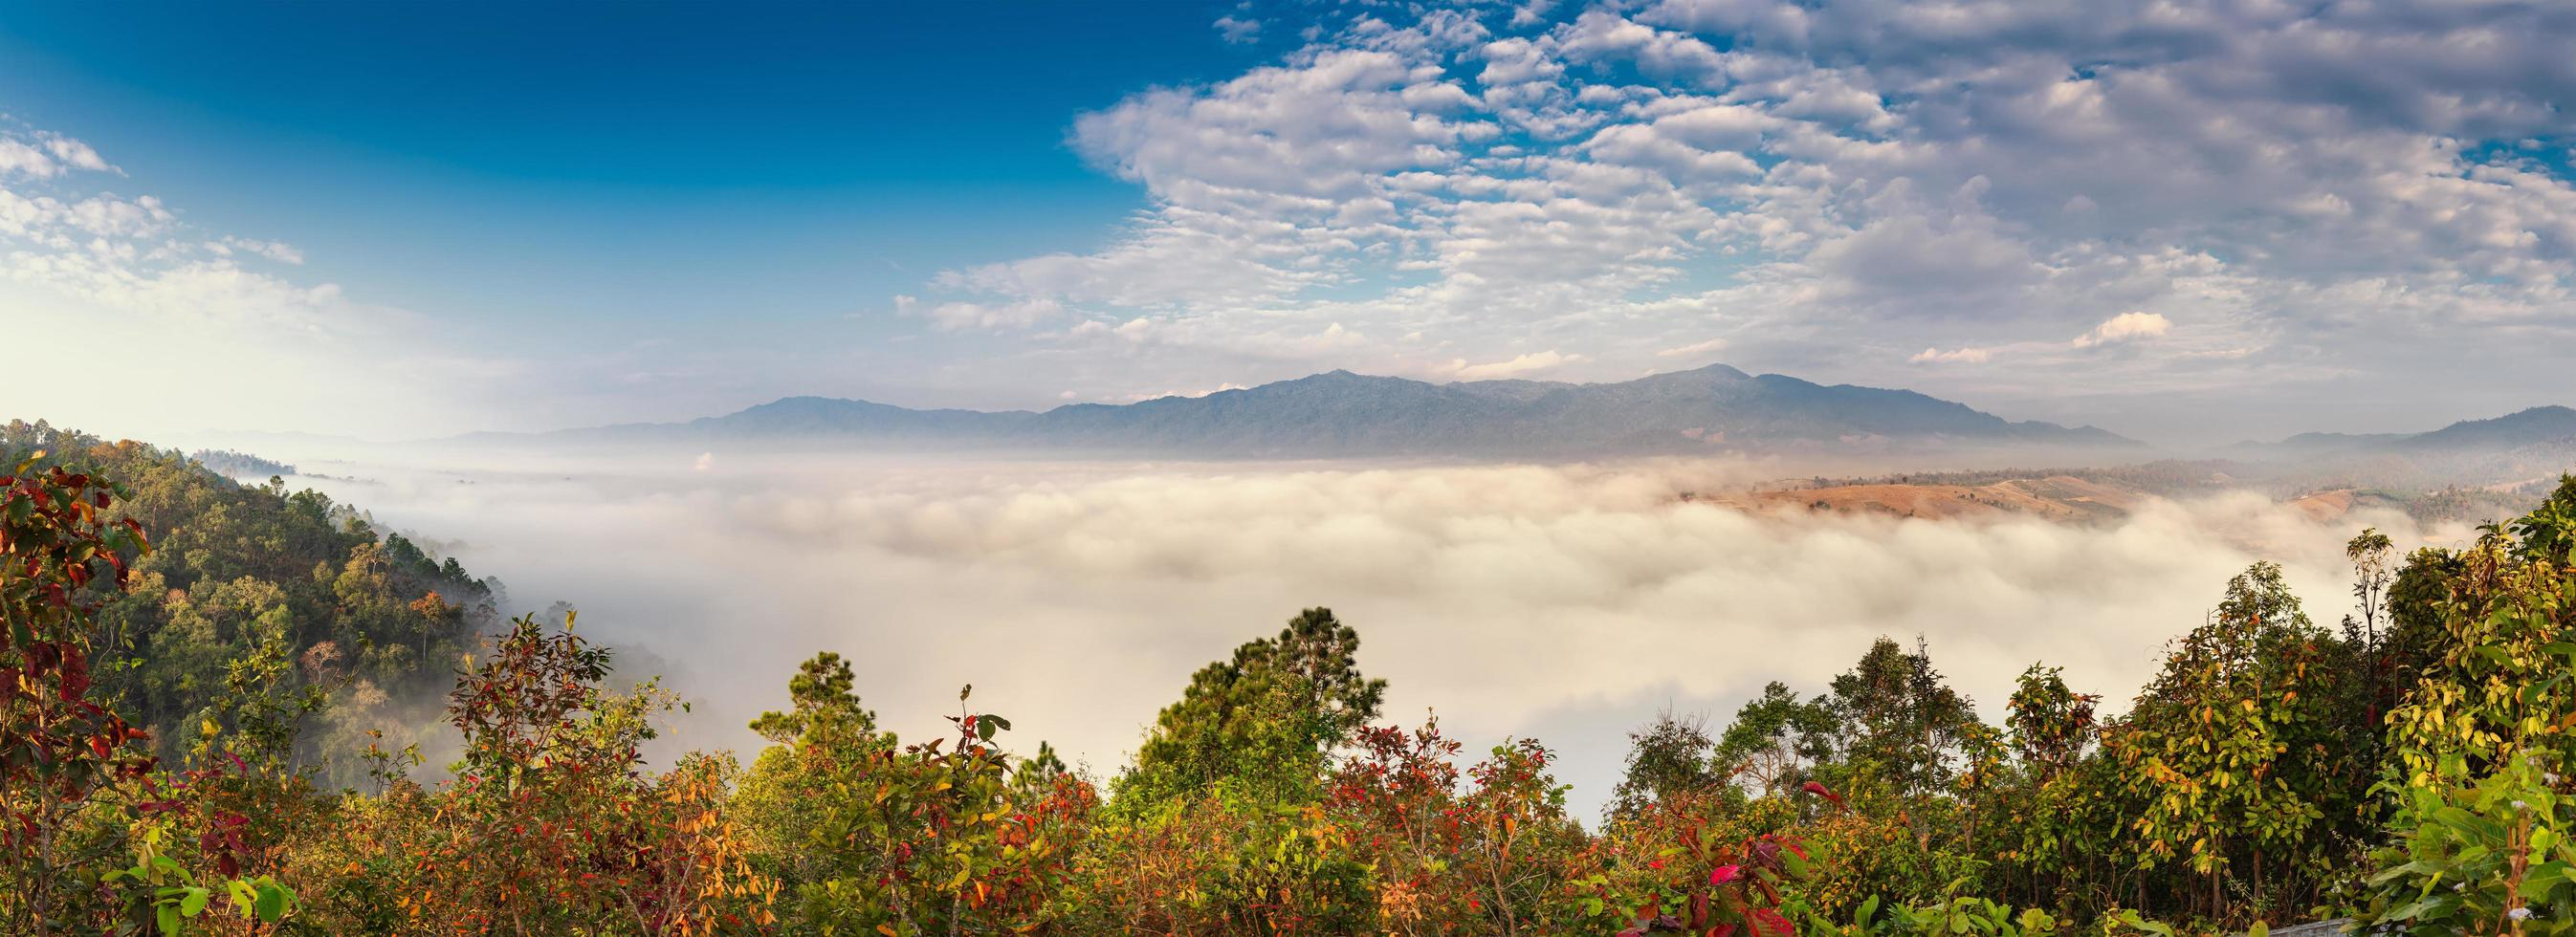 Wald mit Wolken und Bergen foto